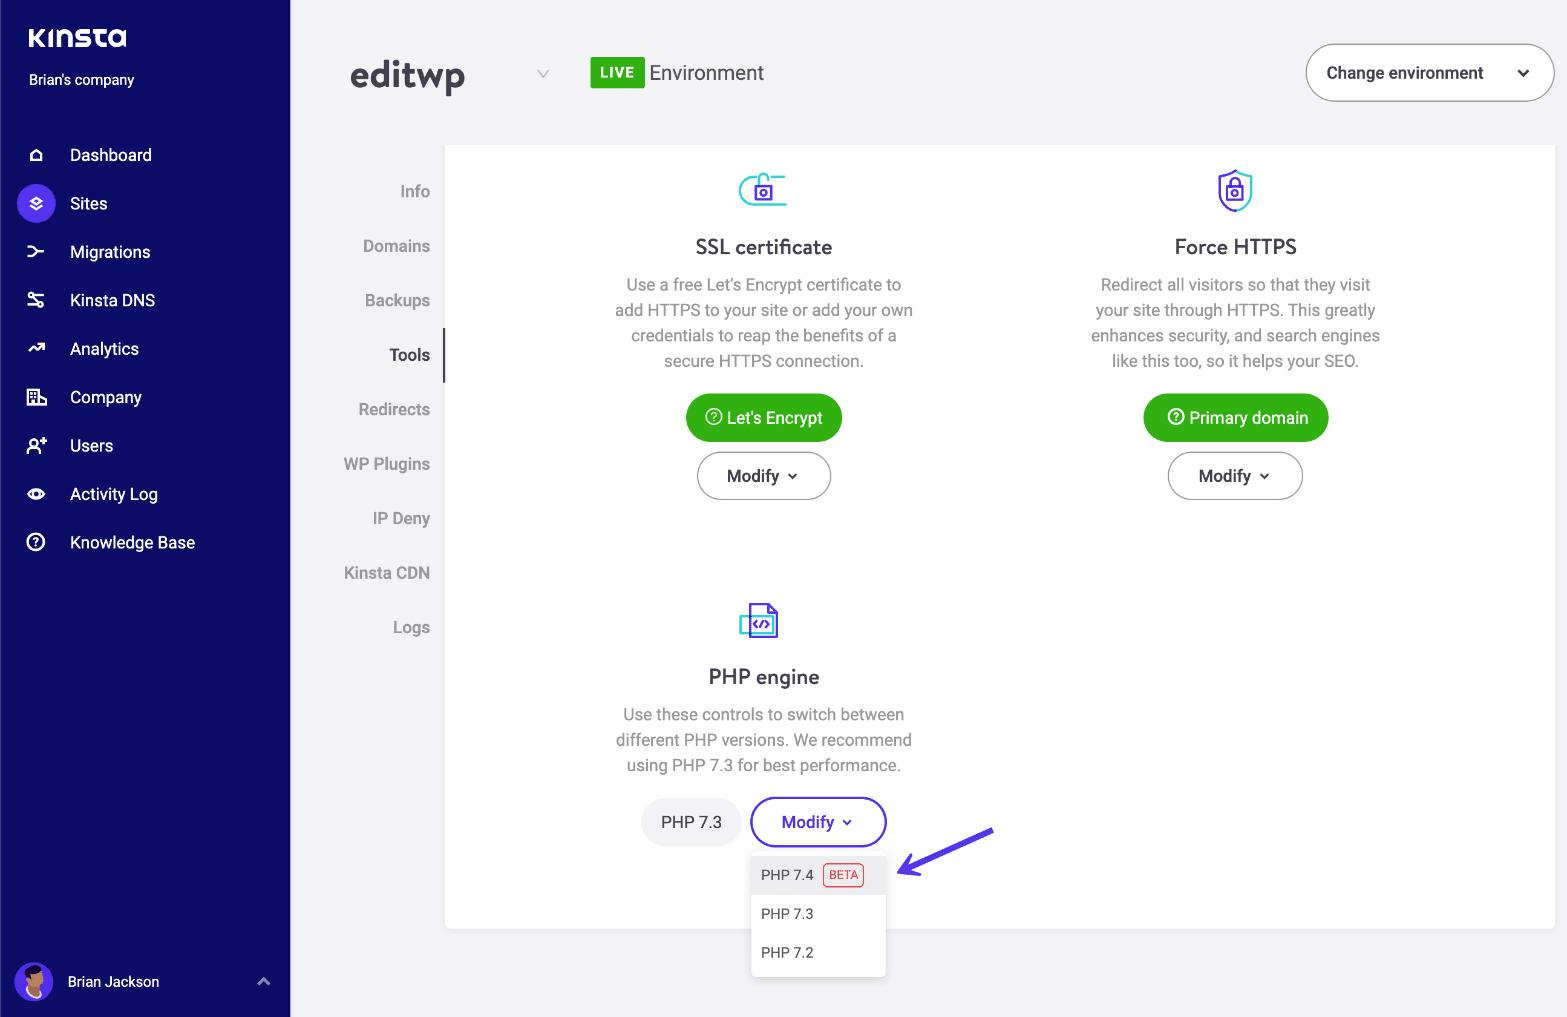 Wijzig de WordPress-site naar PHP 7.4-RC